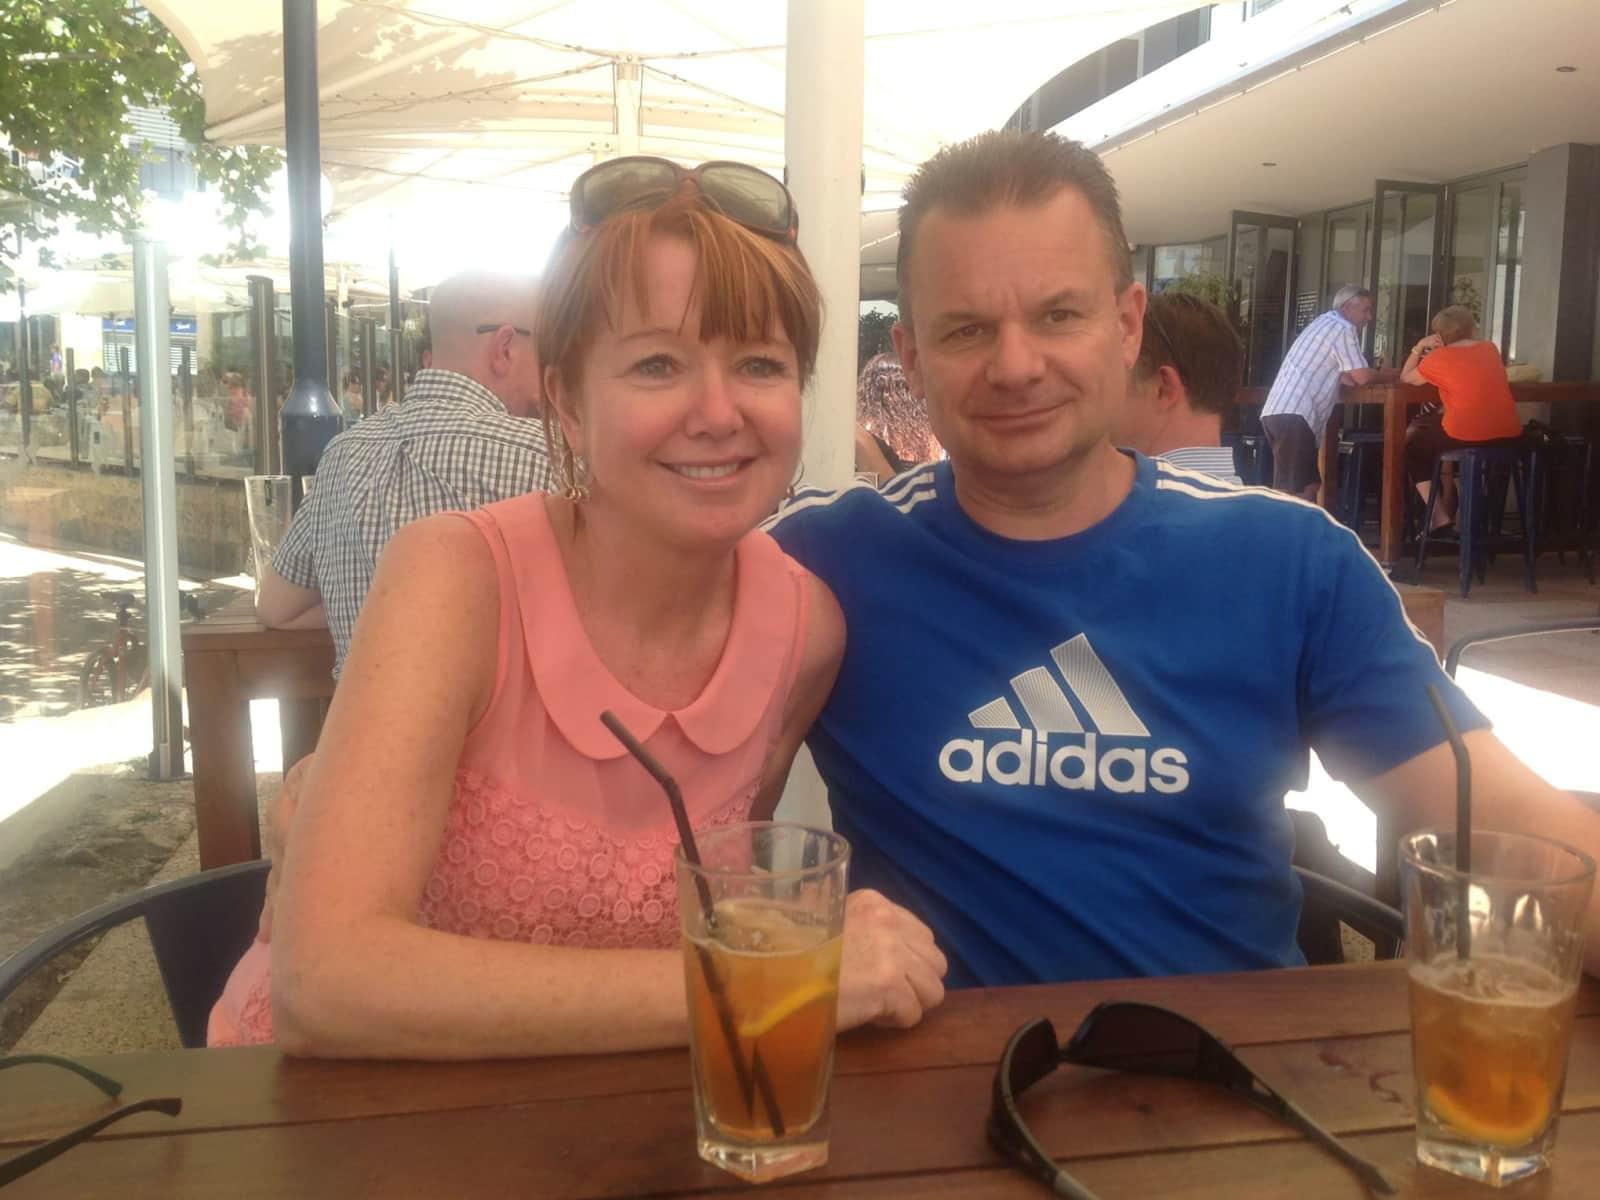 Vincent & glenda & Glenda from Perth, Western Australia, Australia